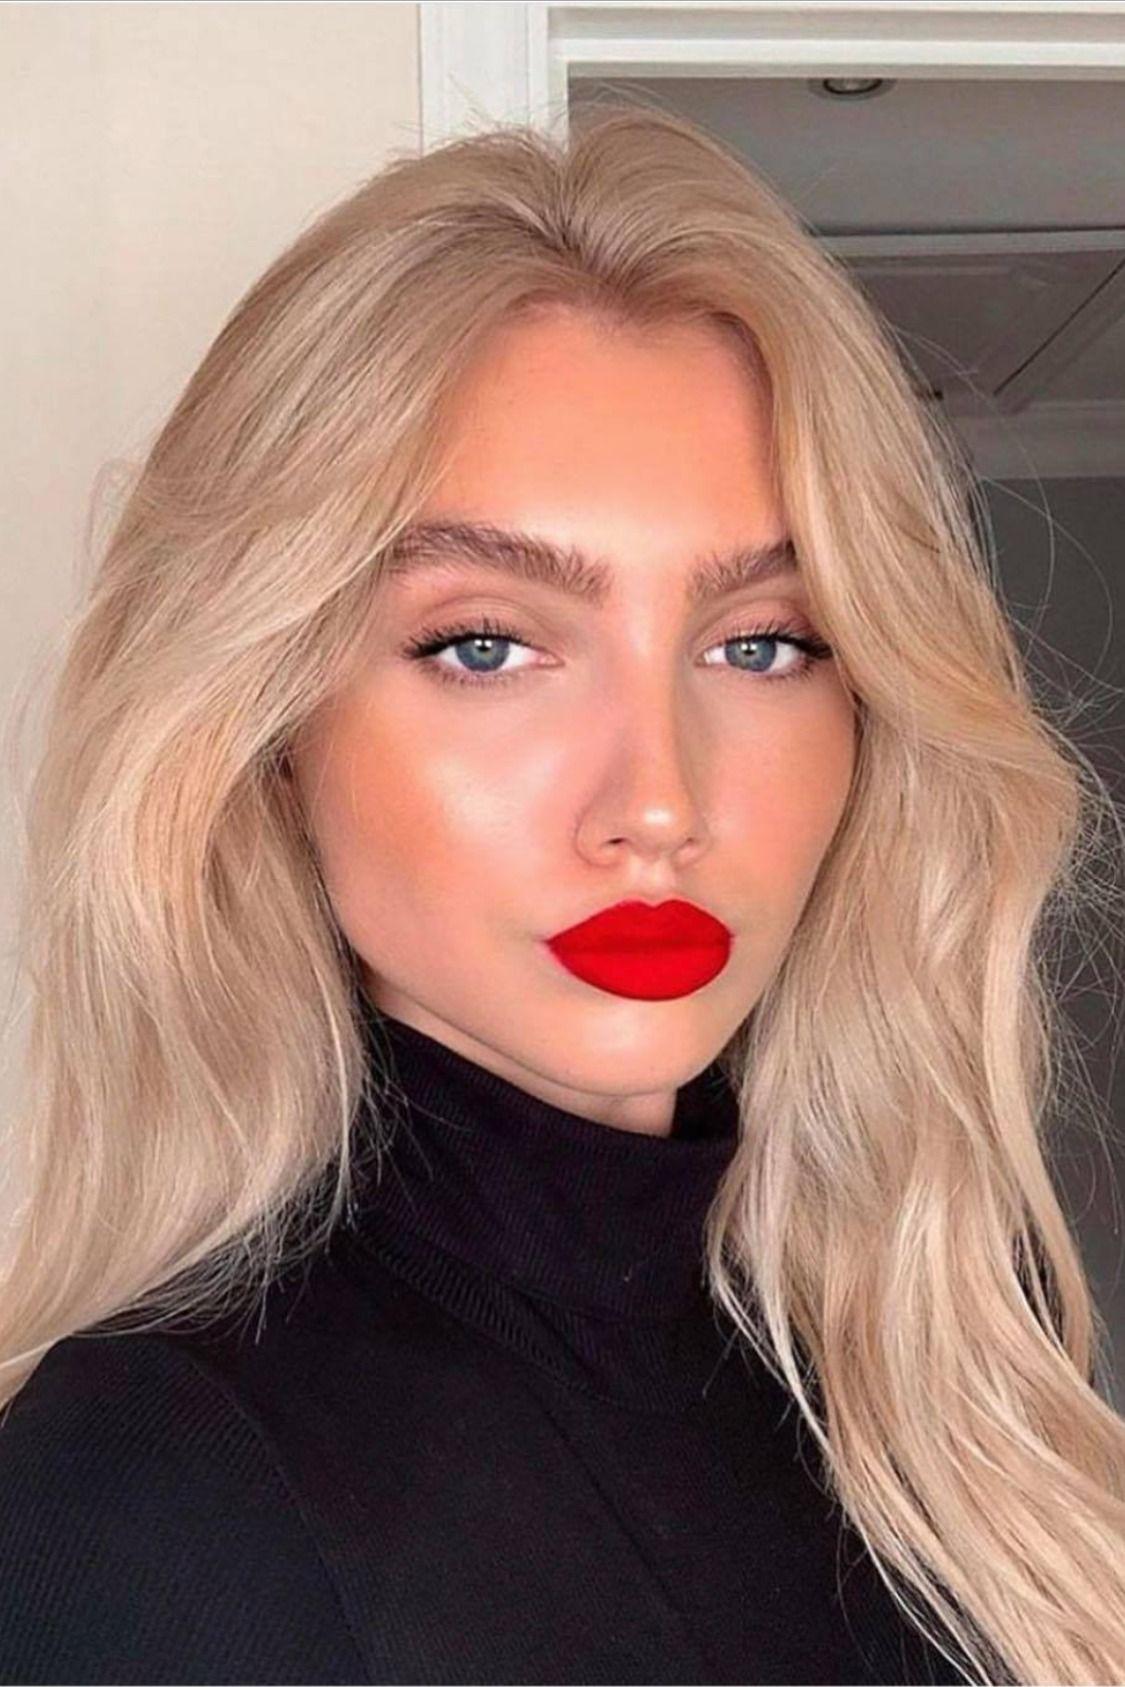 makeupwomenideaslipsredlipsticknudeeyesface